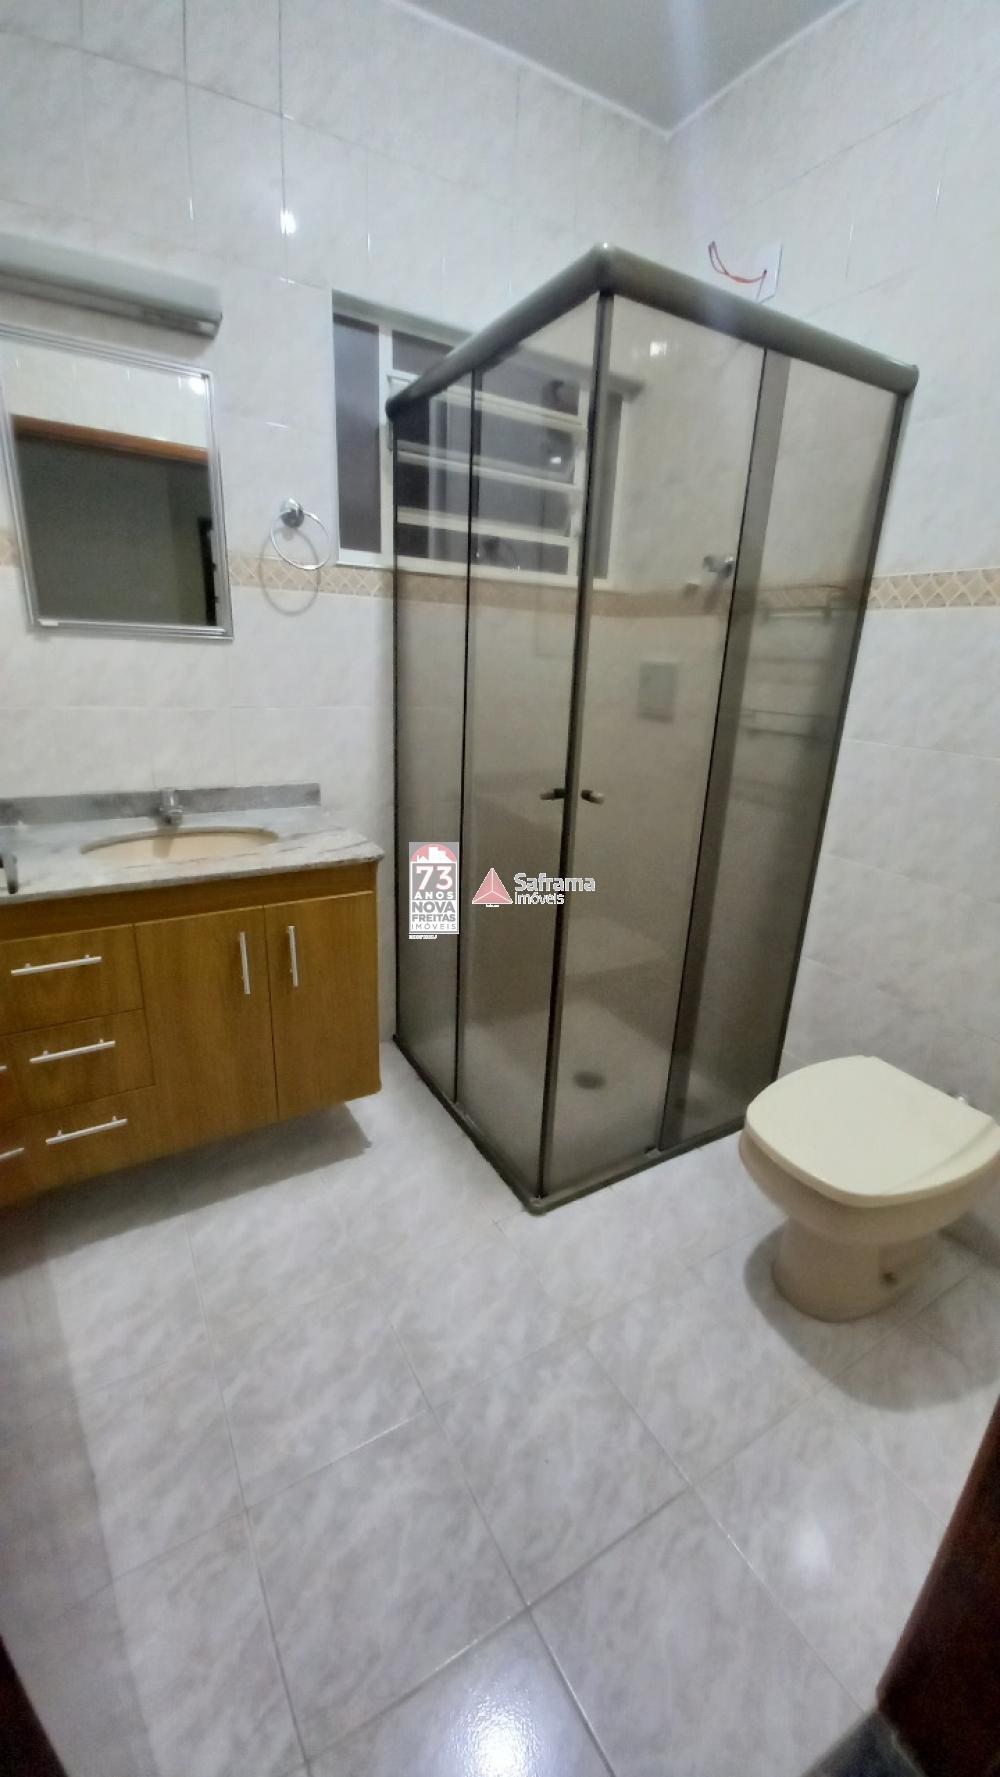 Comprar Casa / Padrão em Caçapava R$ 575.000,00 - Foto 20